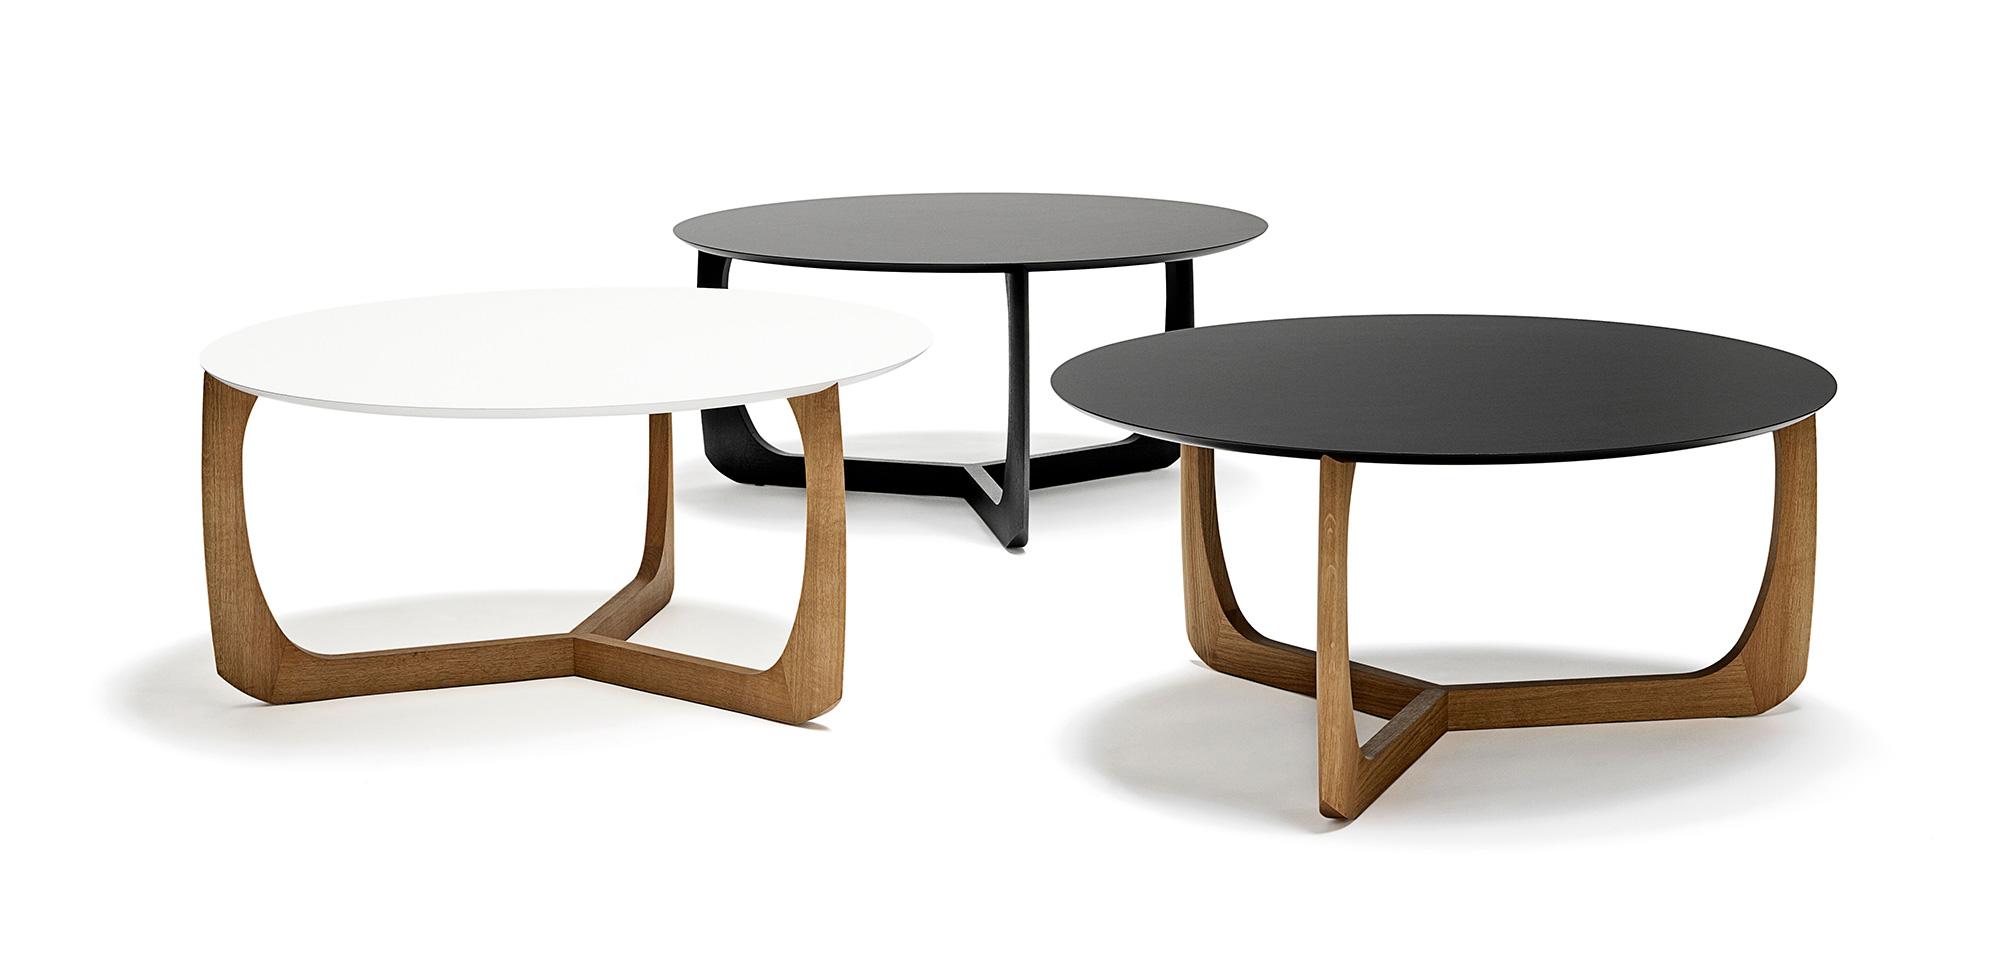 table basse style scandinave - mobilier design, décoration d'intérieur